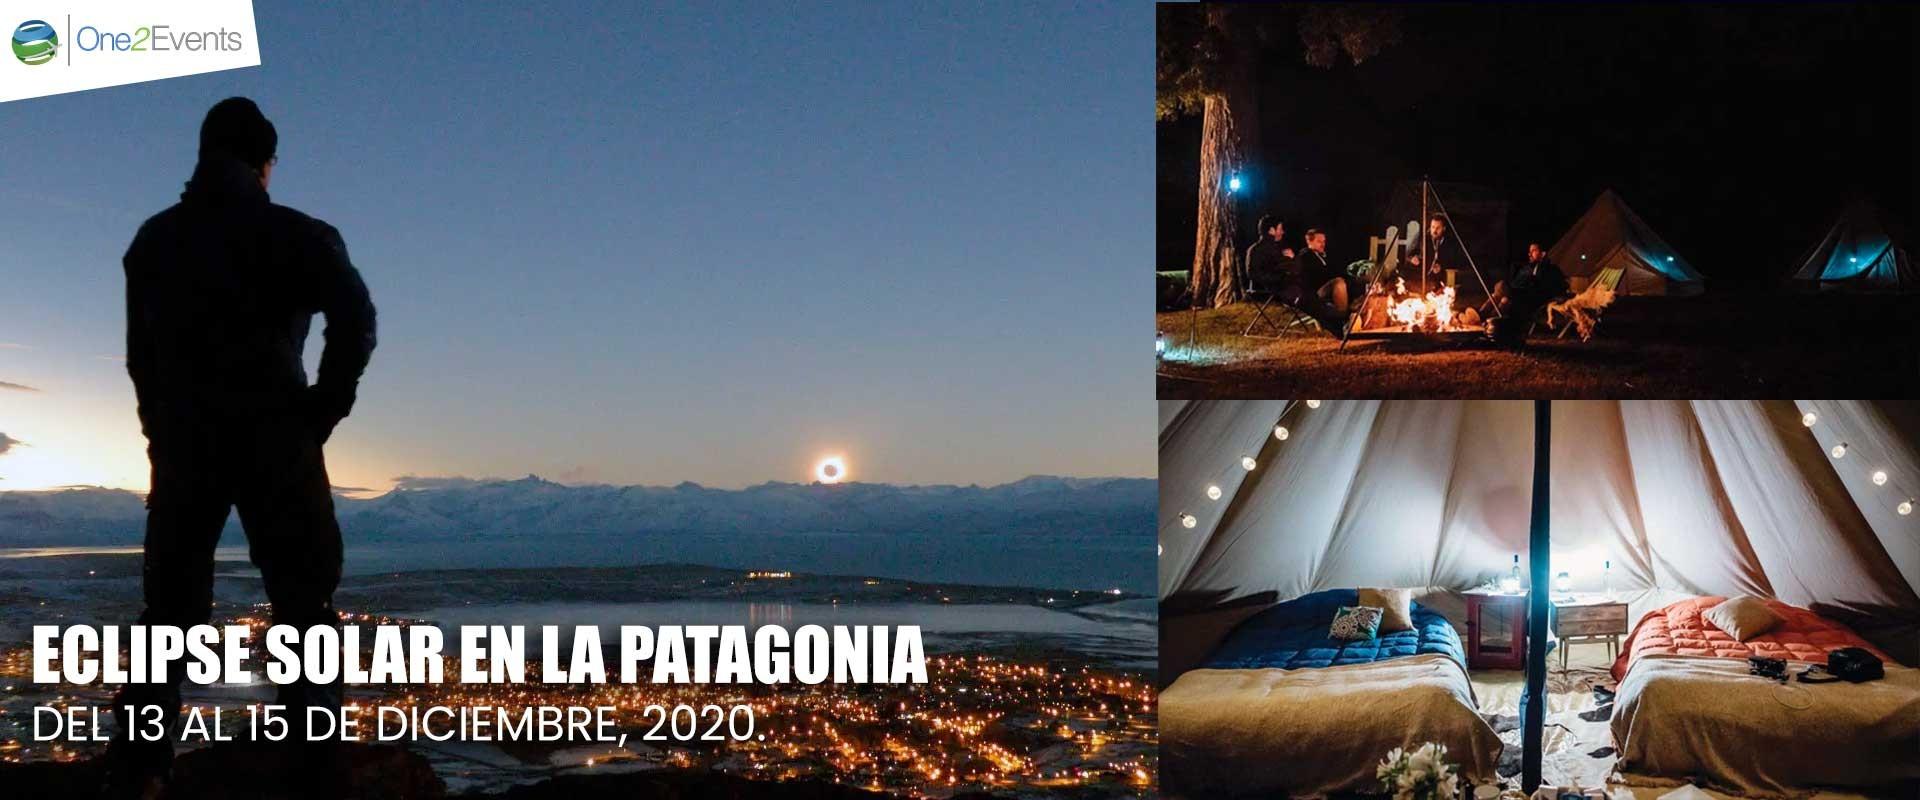 Eclipse solar en la Patagonia